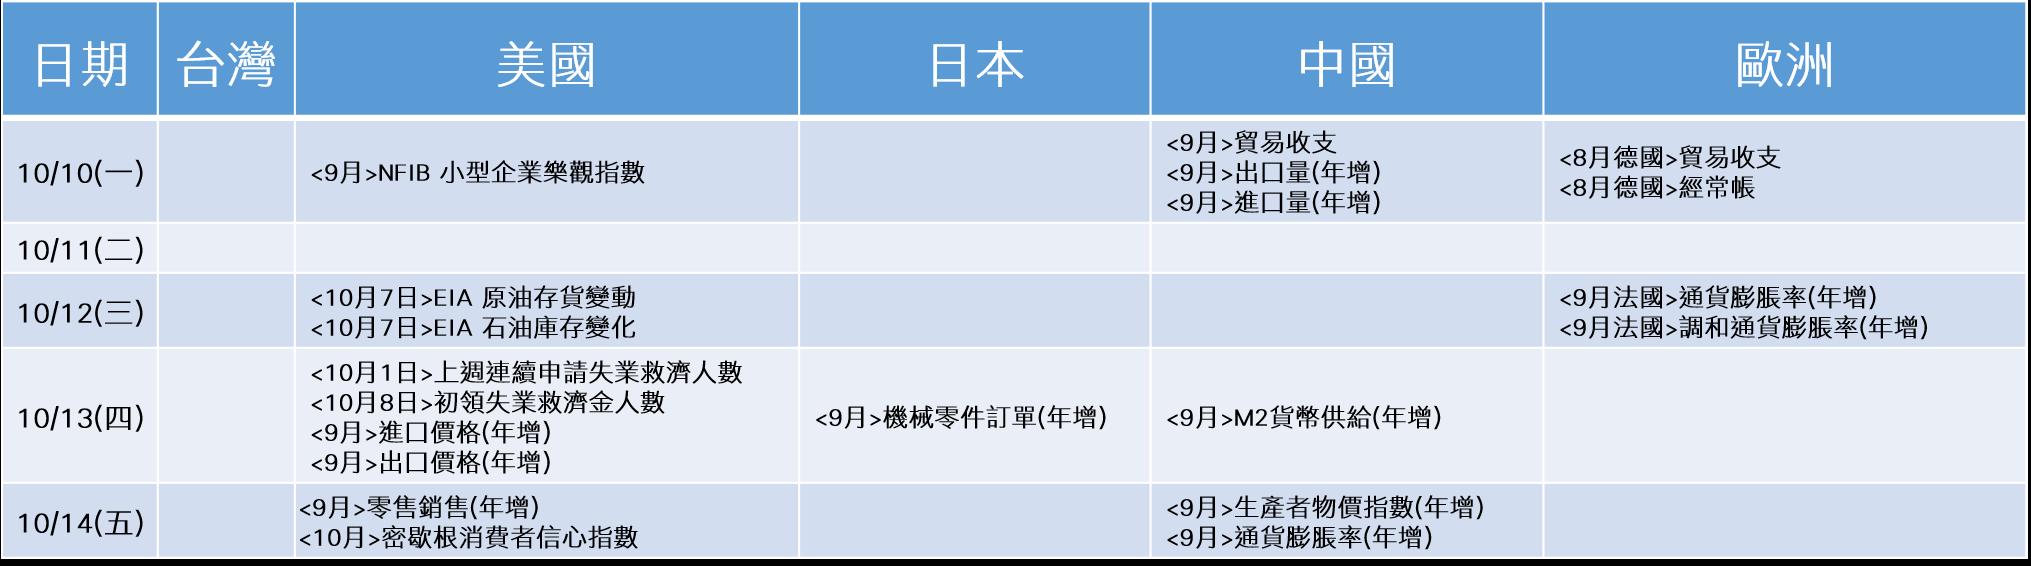 20161010~20161014_經濟事件